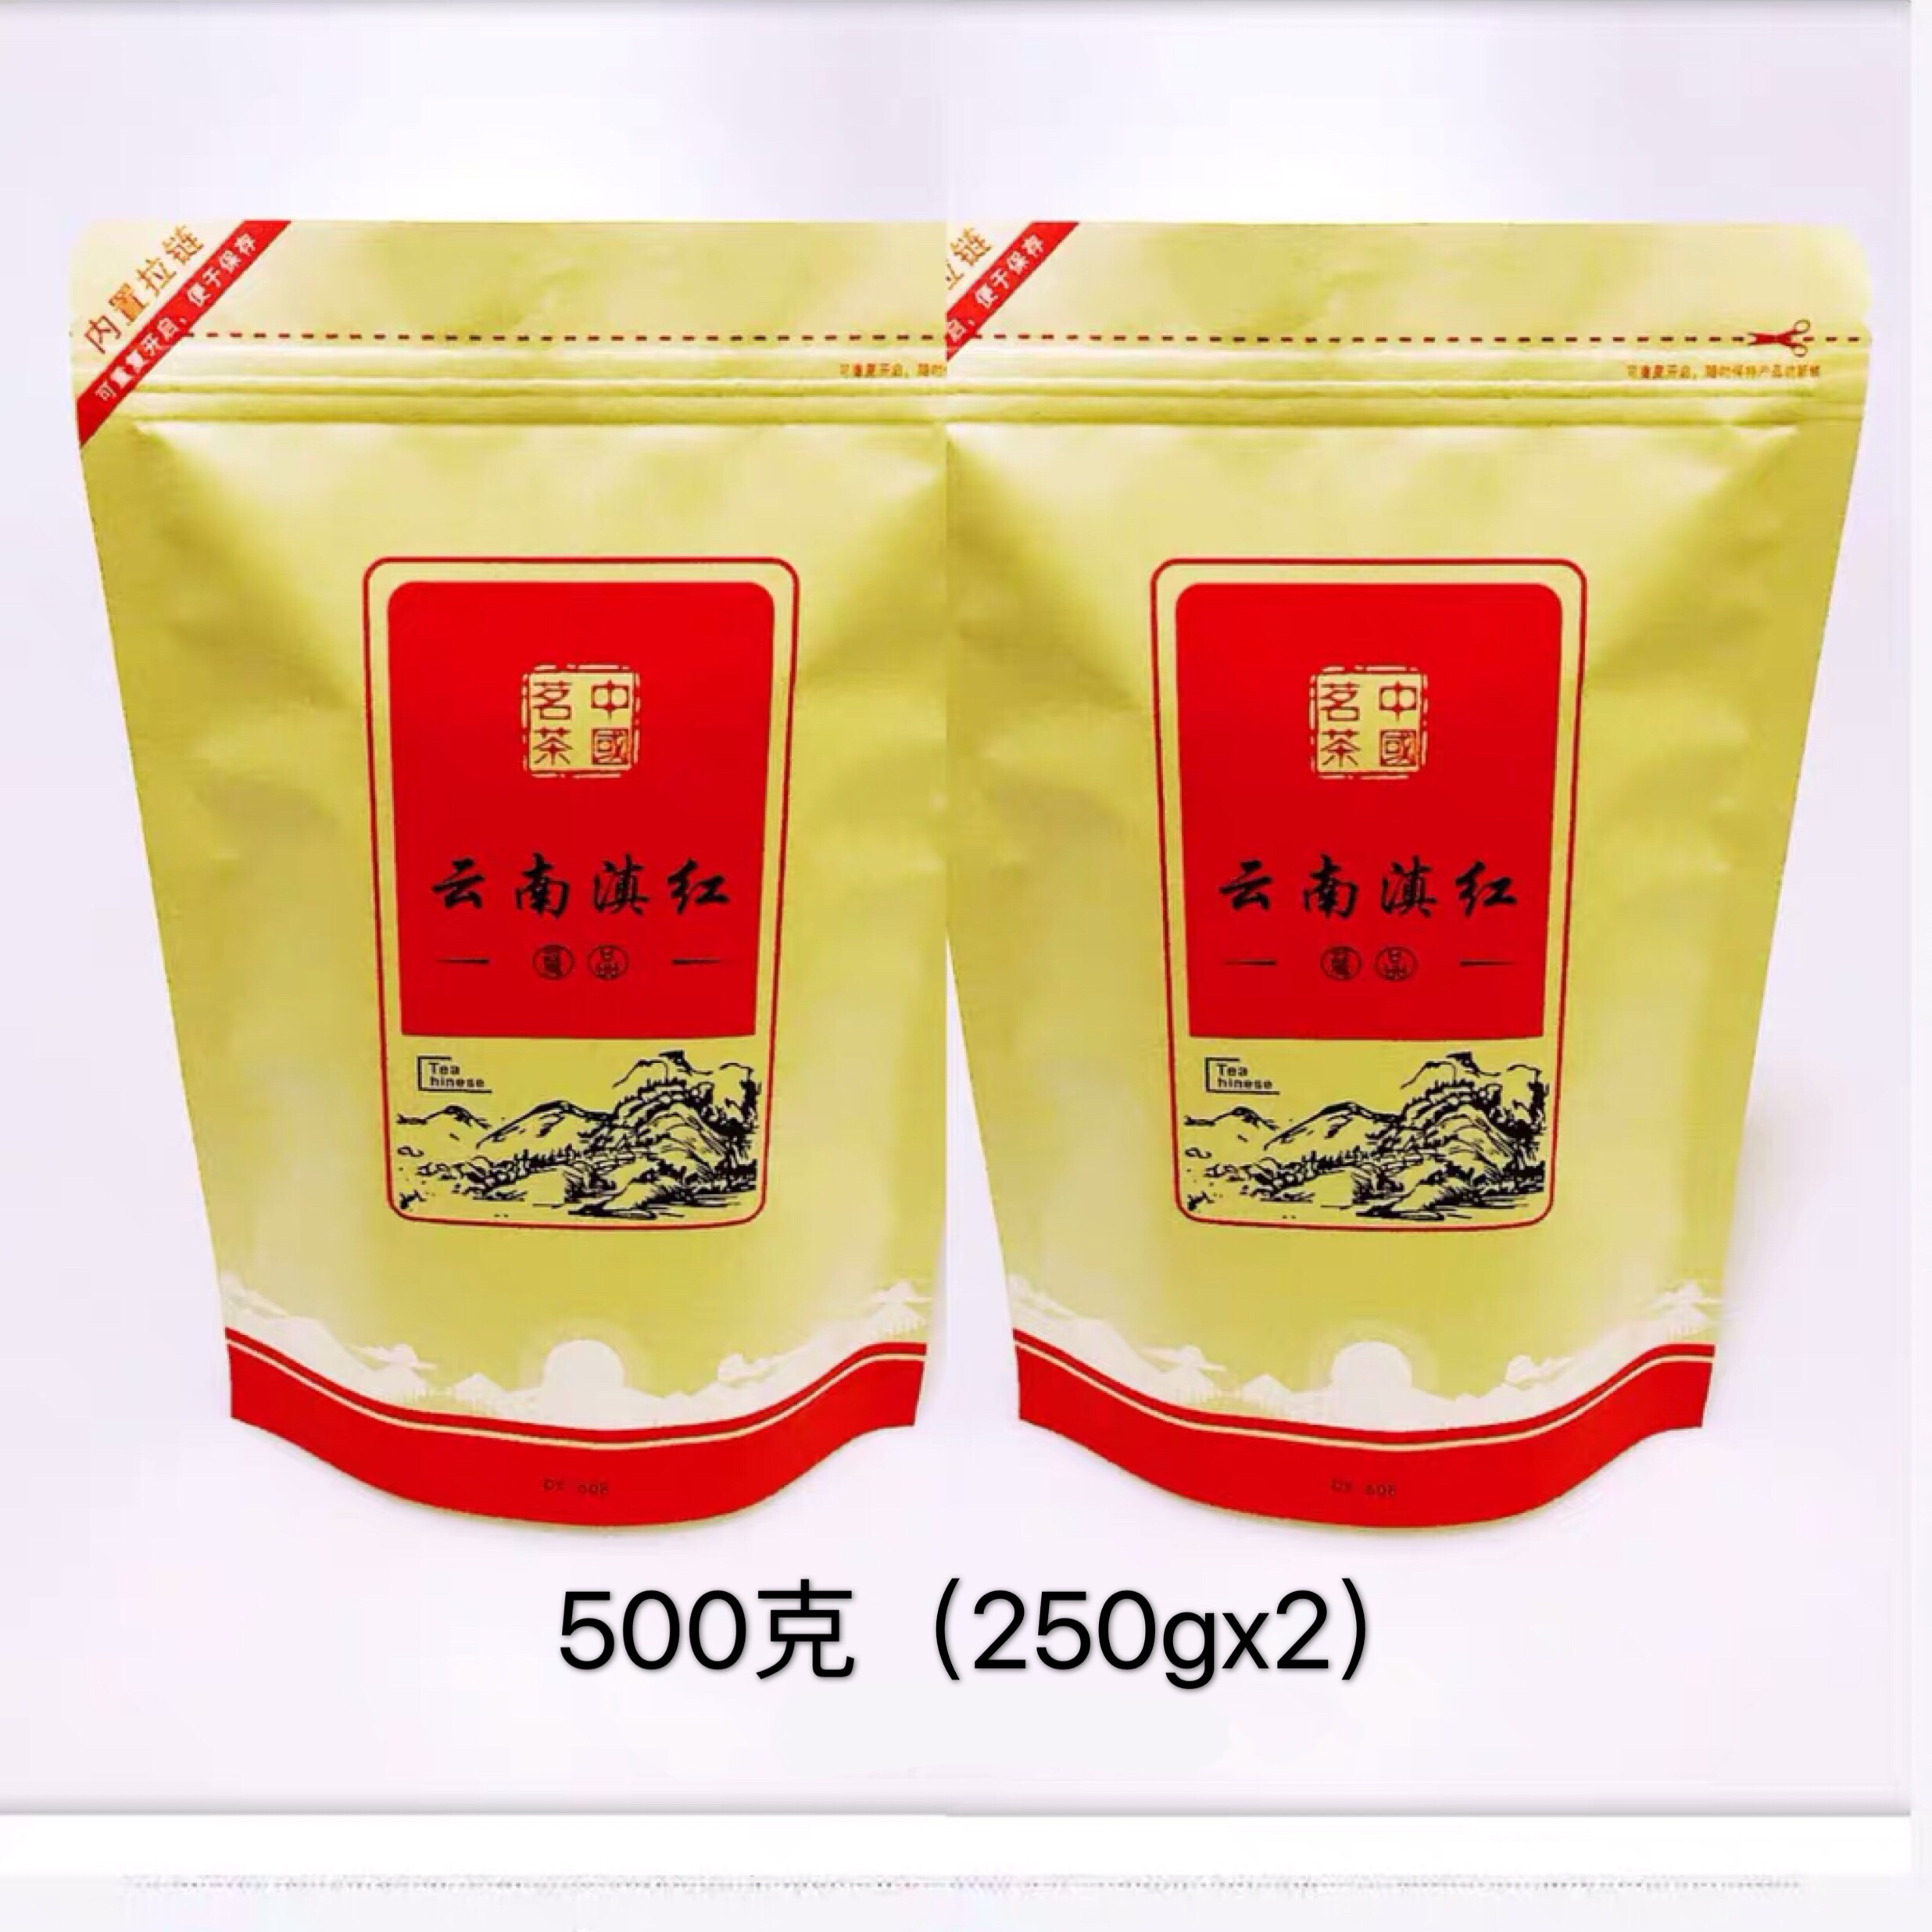 散装茉莉滇红碧螺红茶 500g 新茶横县茉莉花香红茶茶叶 2019 茉莉红茶